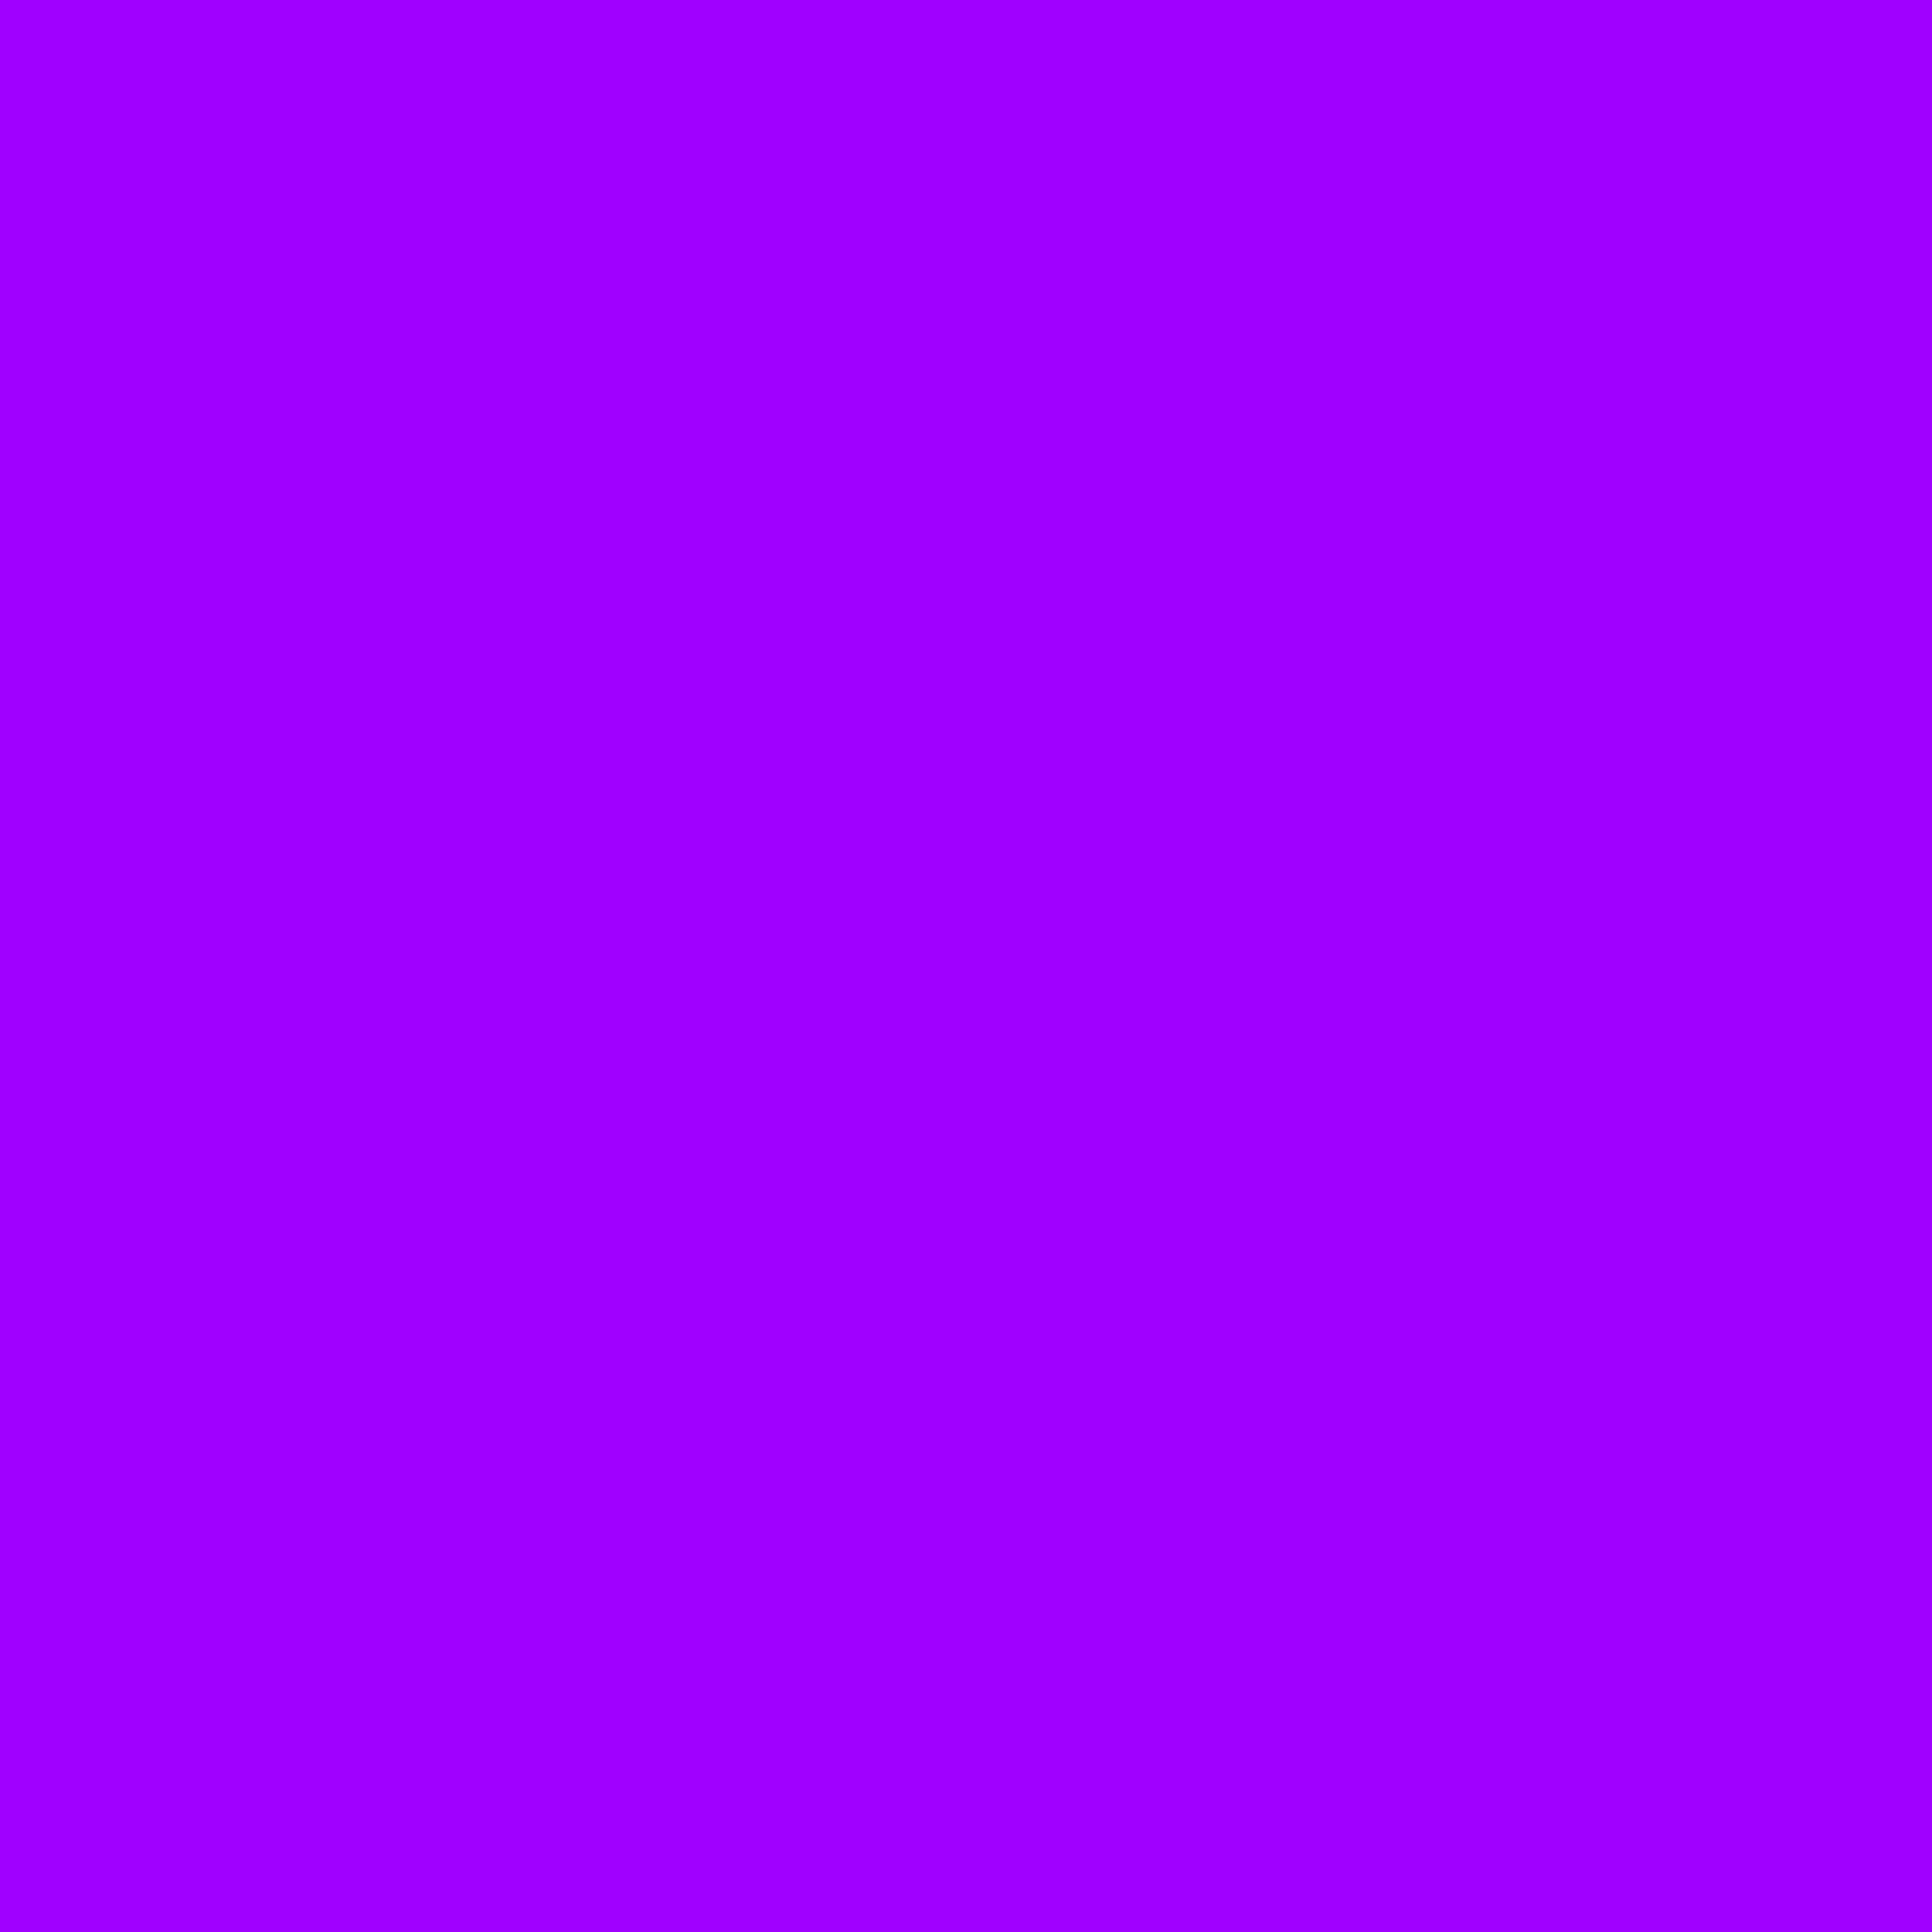 2048x2048 Vivid Violet Solid Color Background